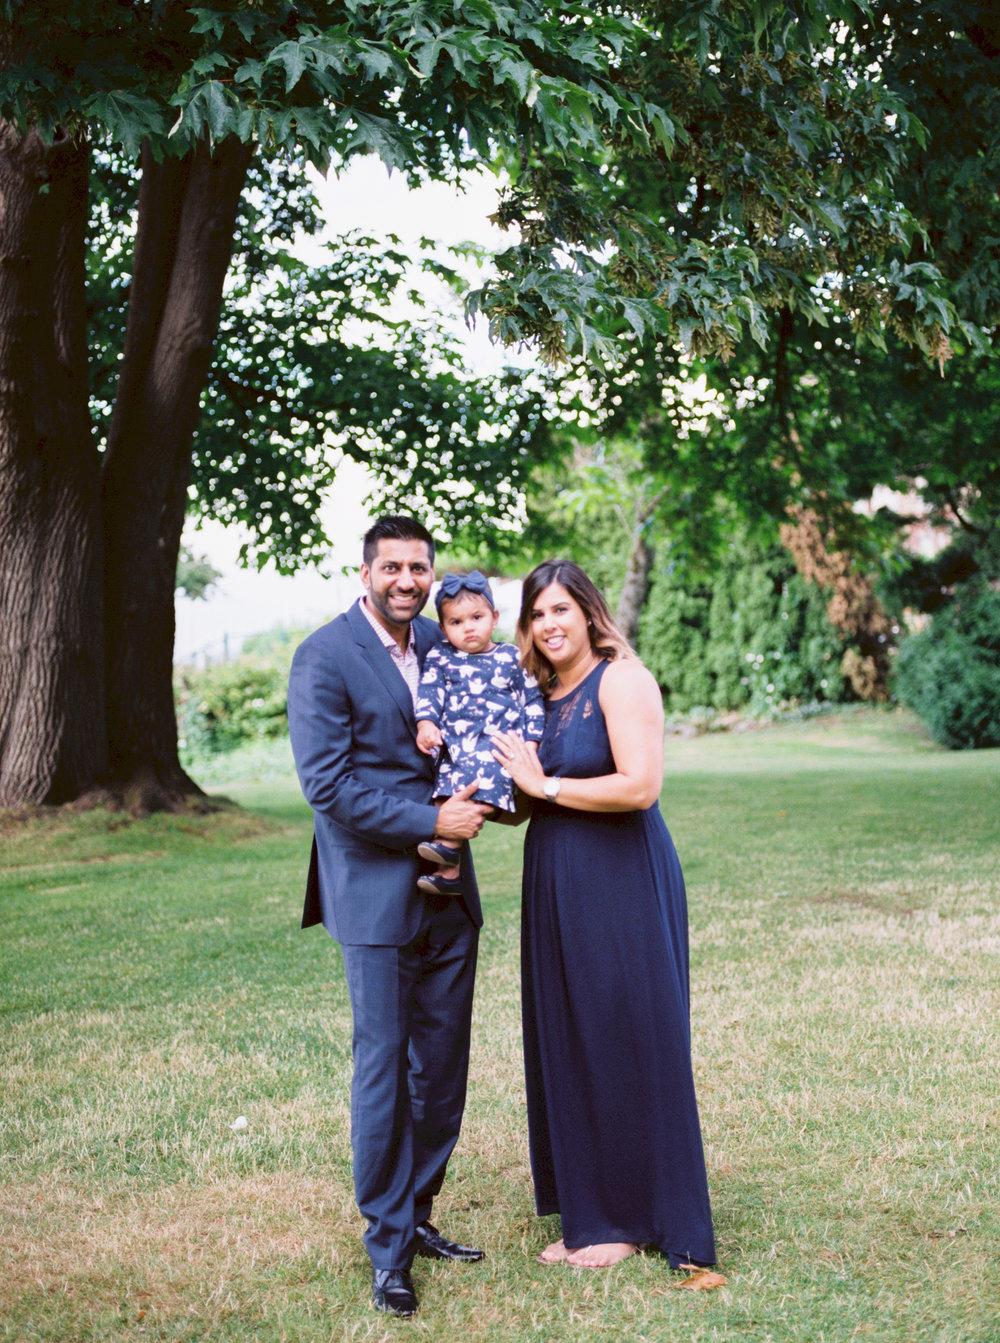 Shalene&Roneel_Wedding_JenzelVeloPhotography231.jpg